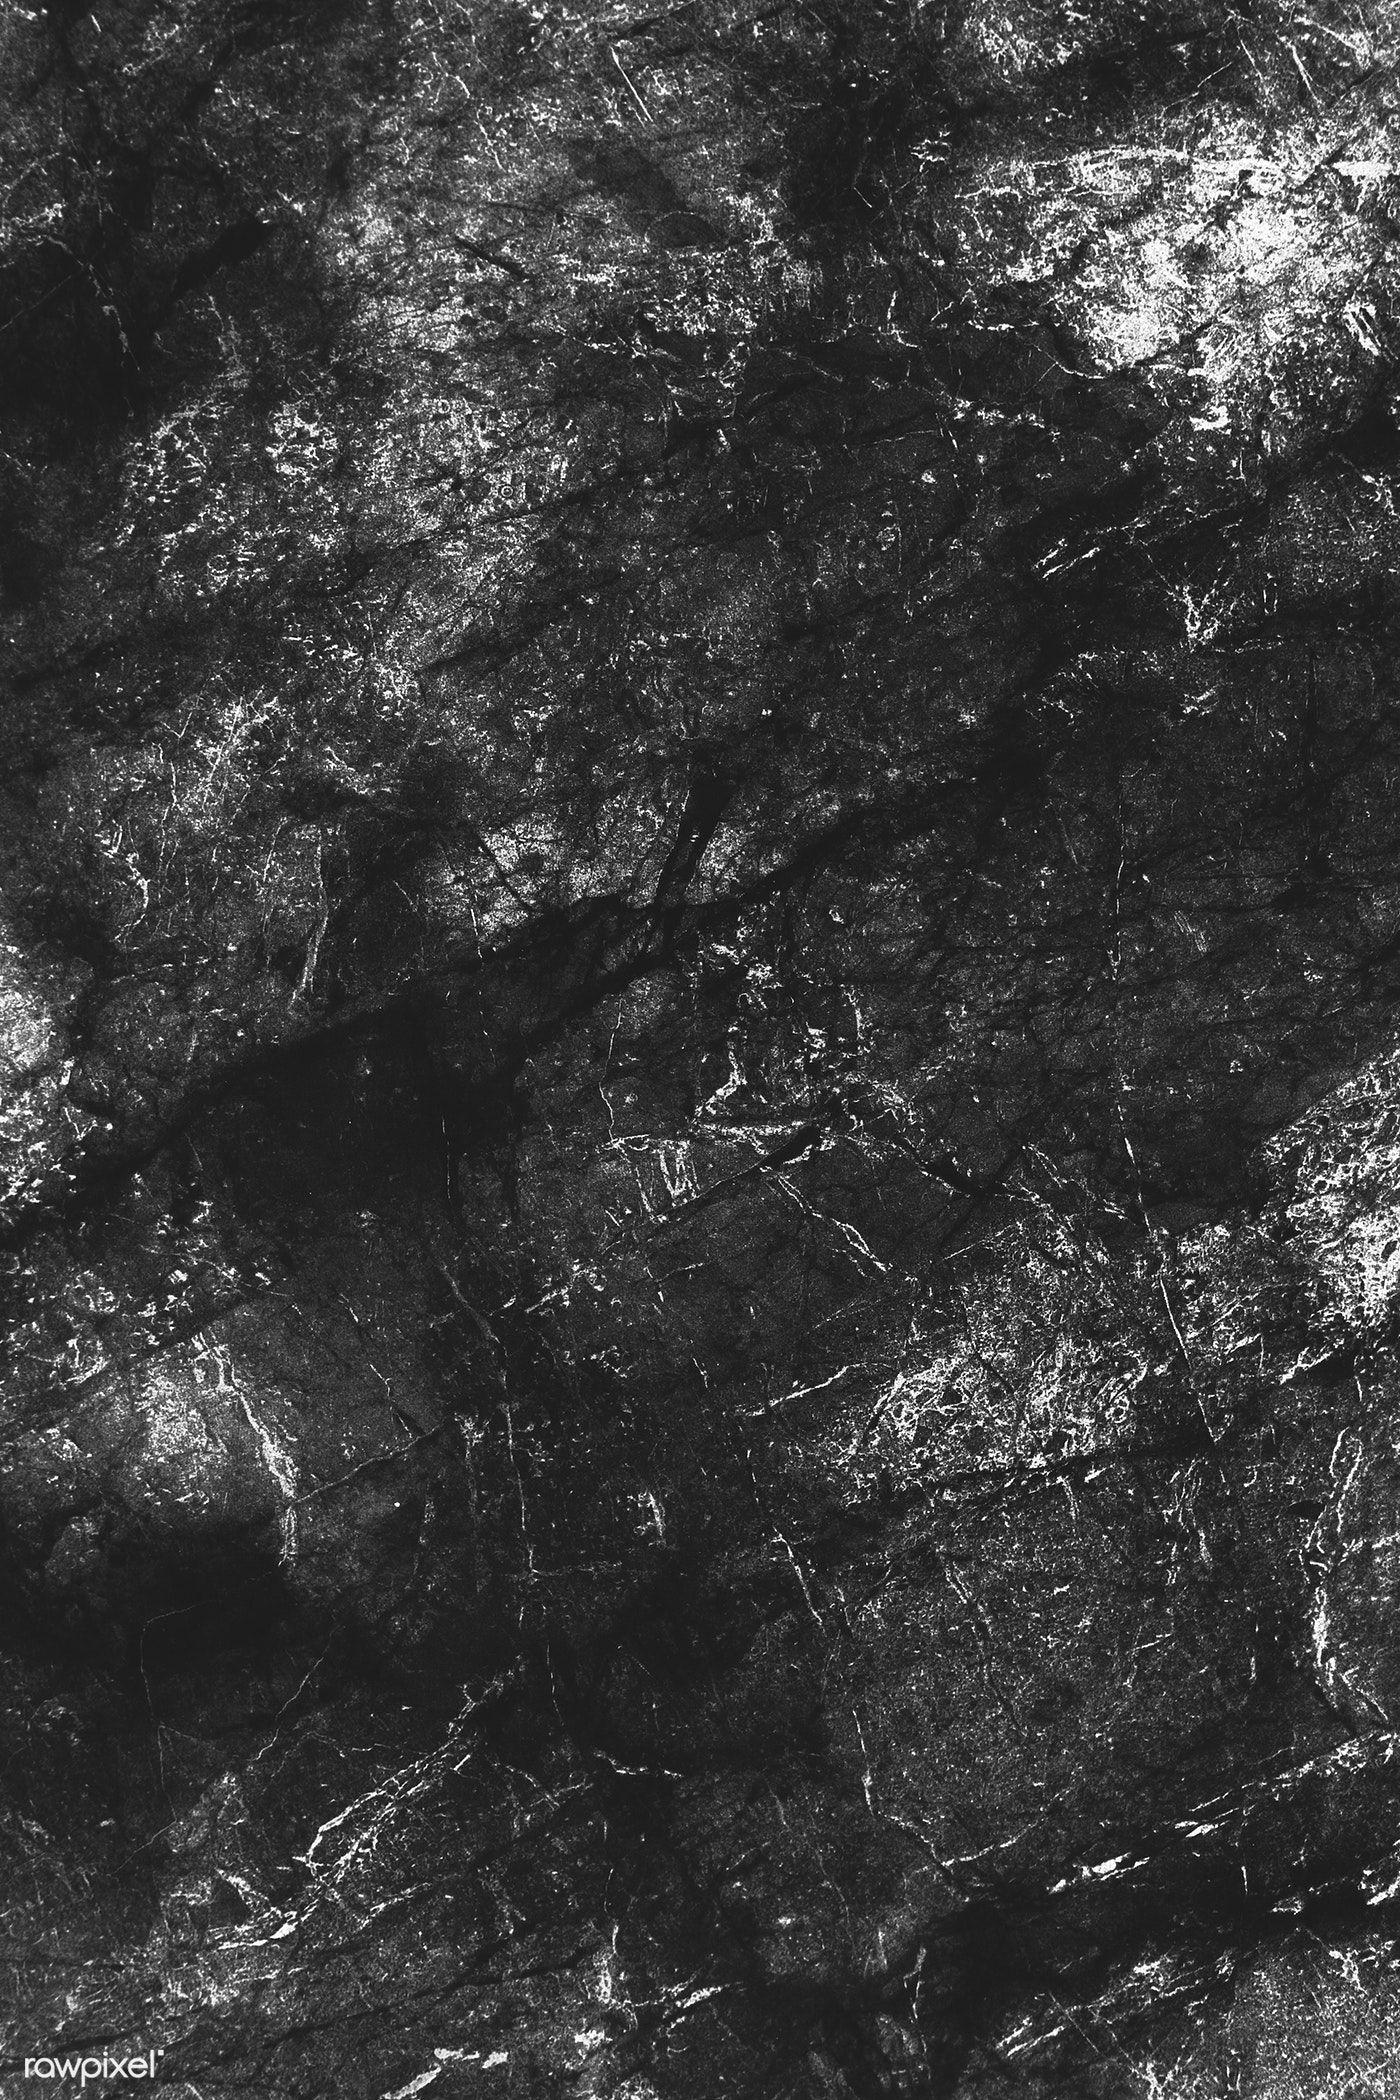 Rustic Painted Black Wall Texture Mobile Phone Wallpaper Premium Image By Rawpixel Com Kenbao Black Walls Black Texture Background Black Textured Wallpaper